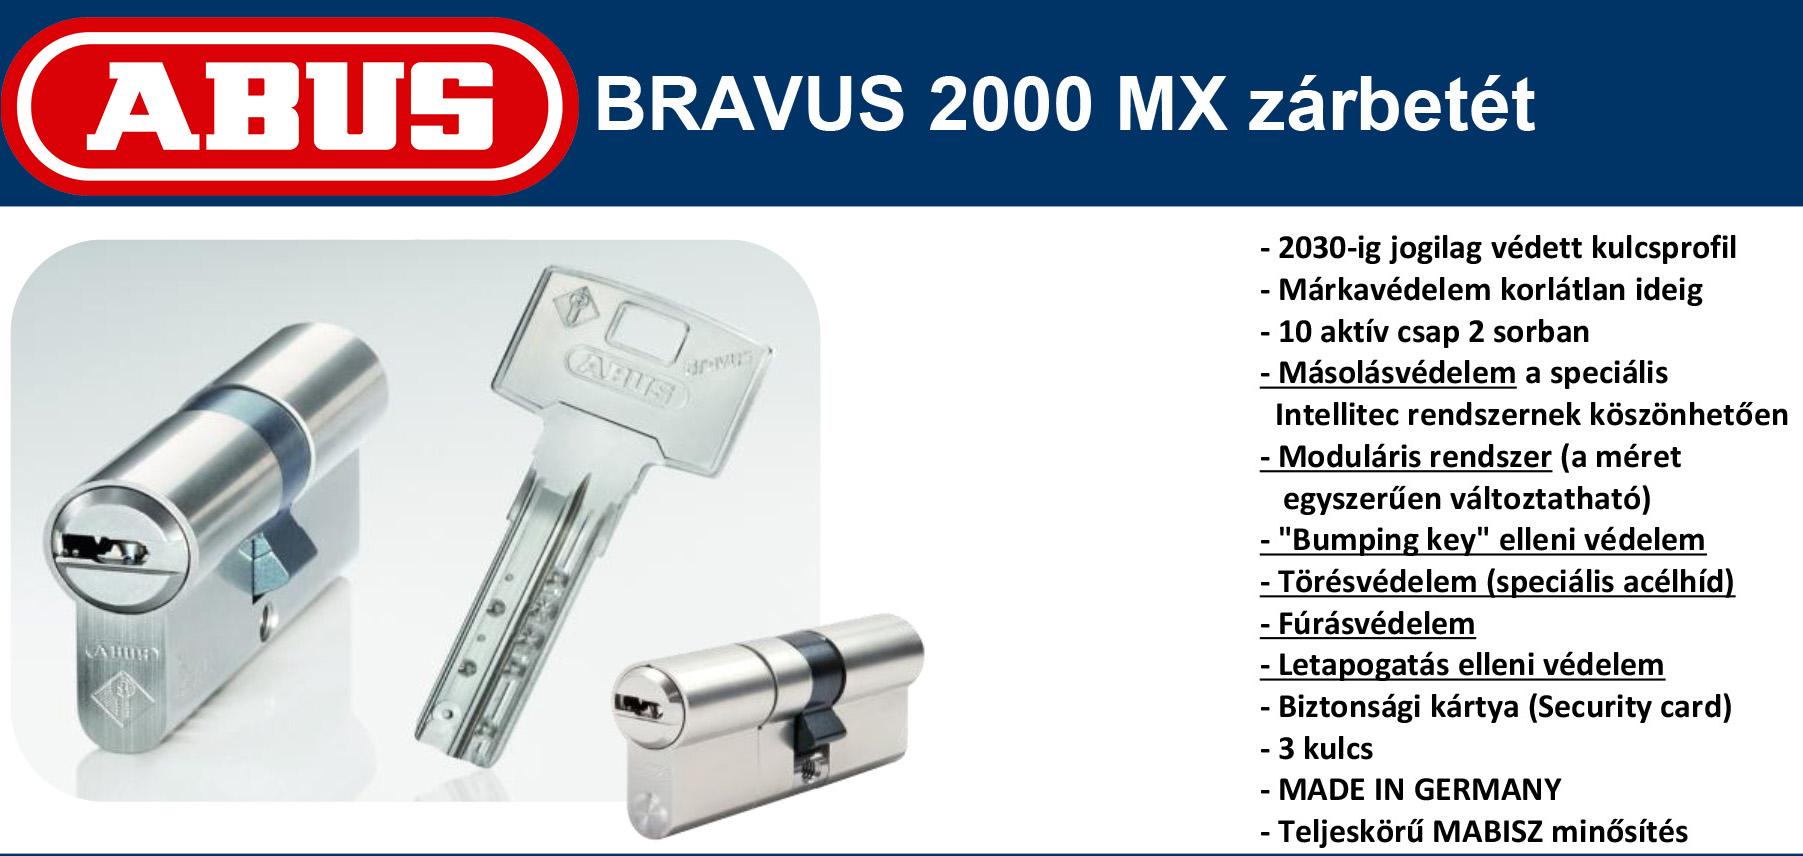 Abus Bravus 2000 MX zárbetét